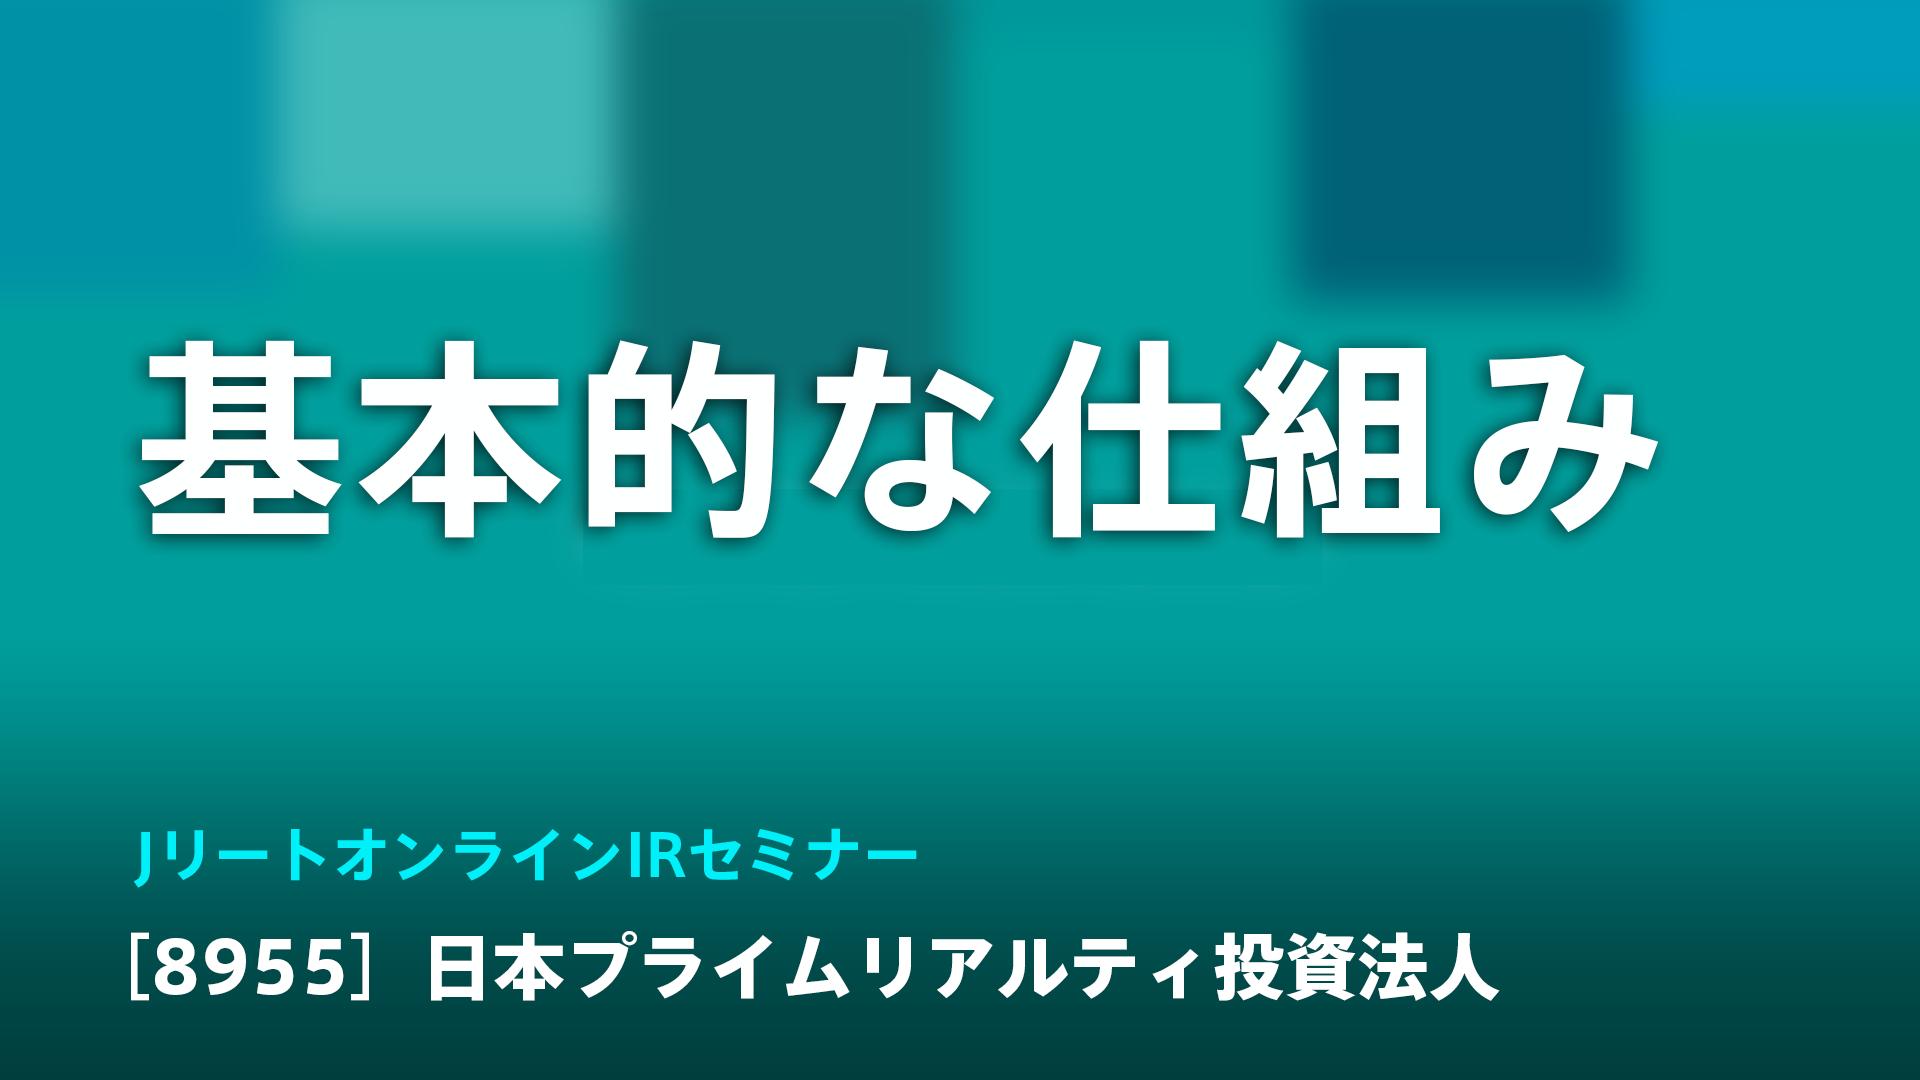 日本プライムリアルティ投資法人のスライダーサムネイル画像13png